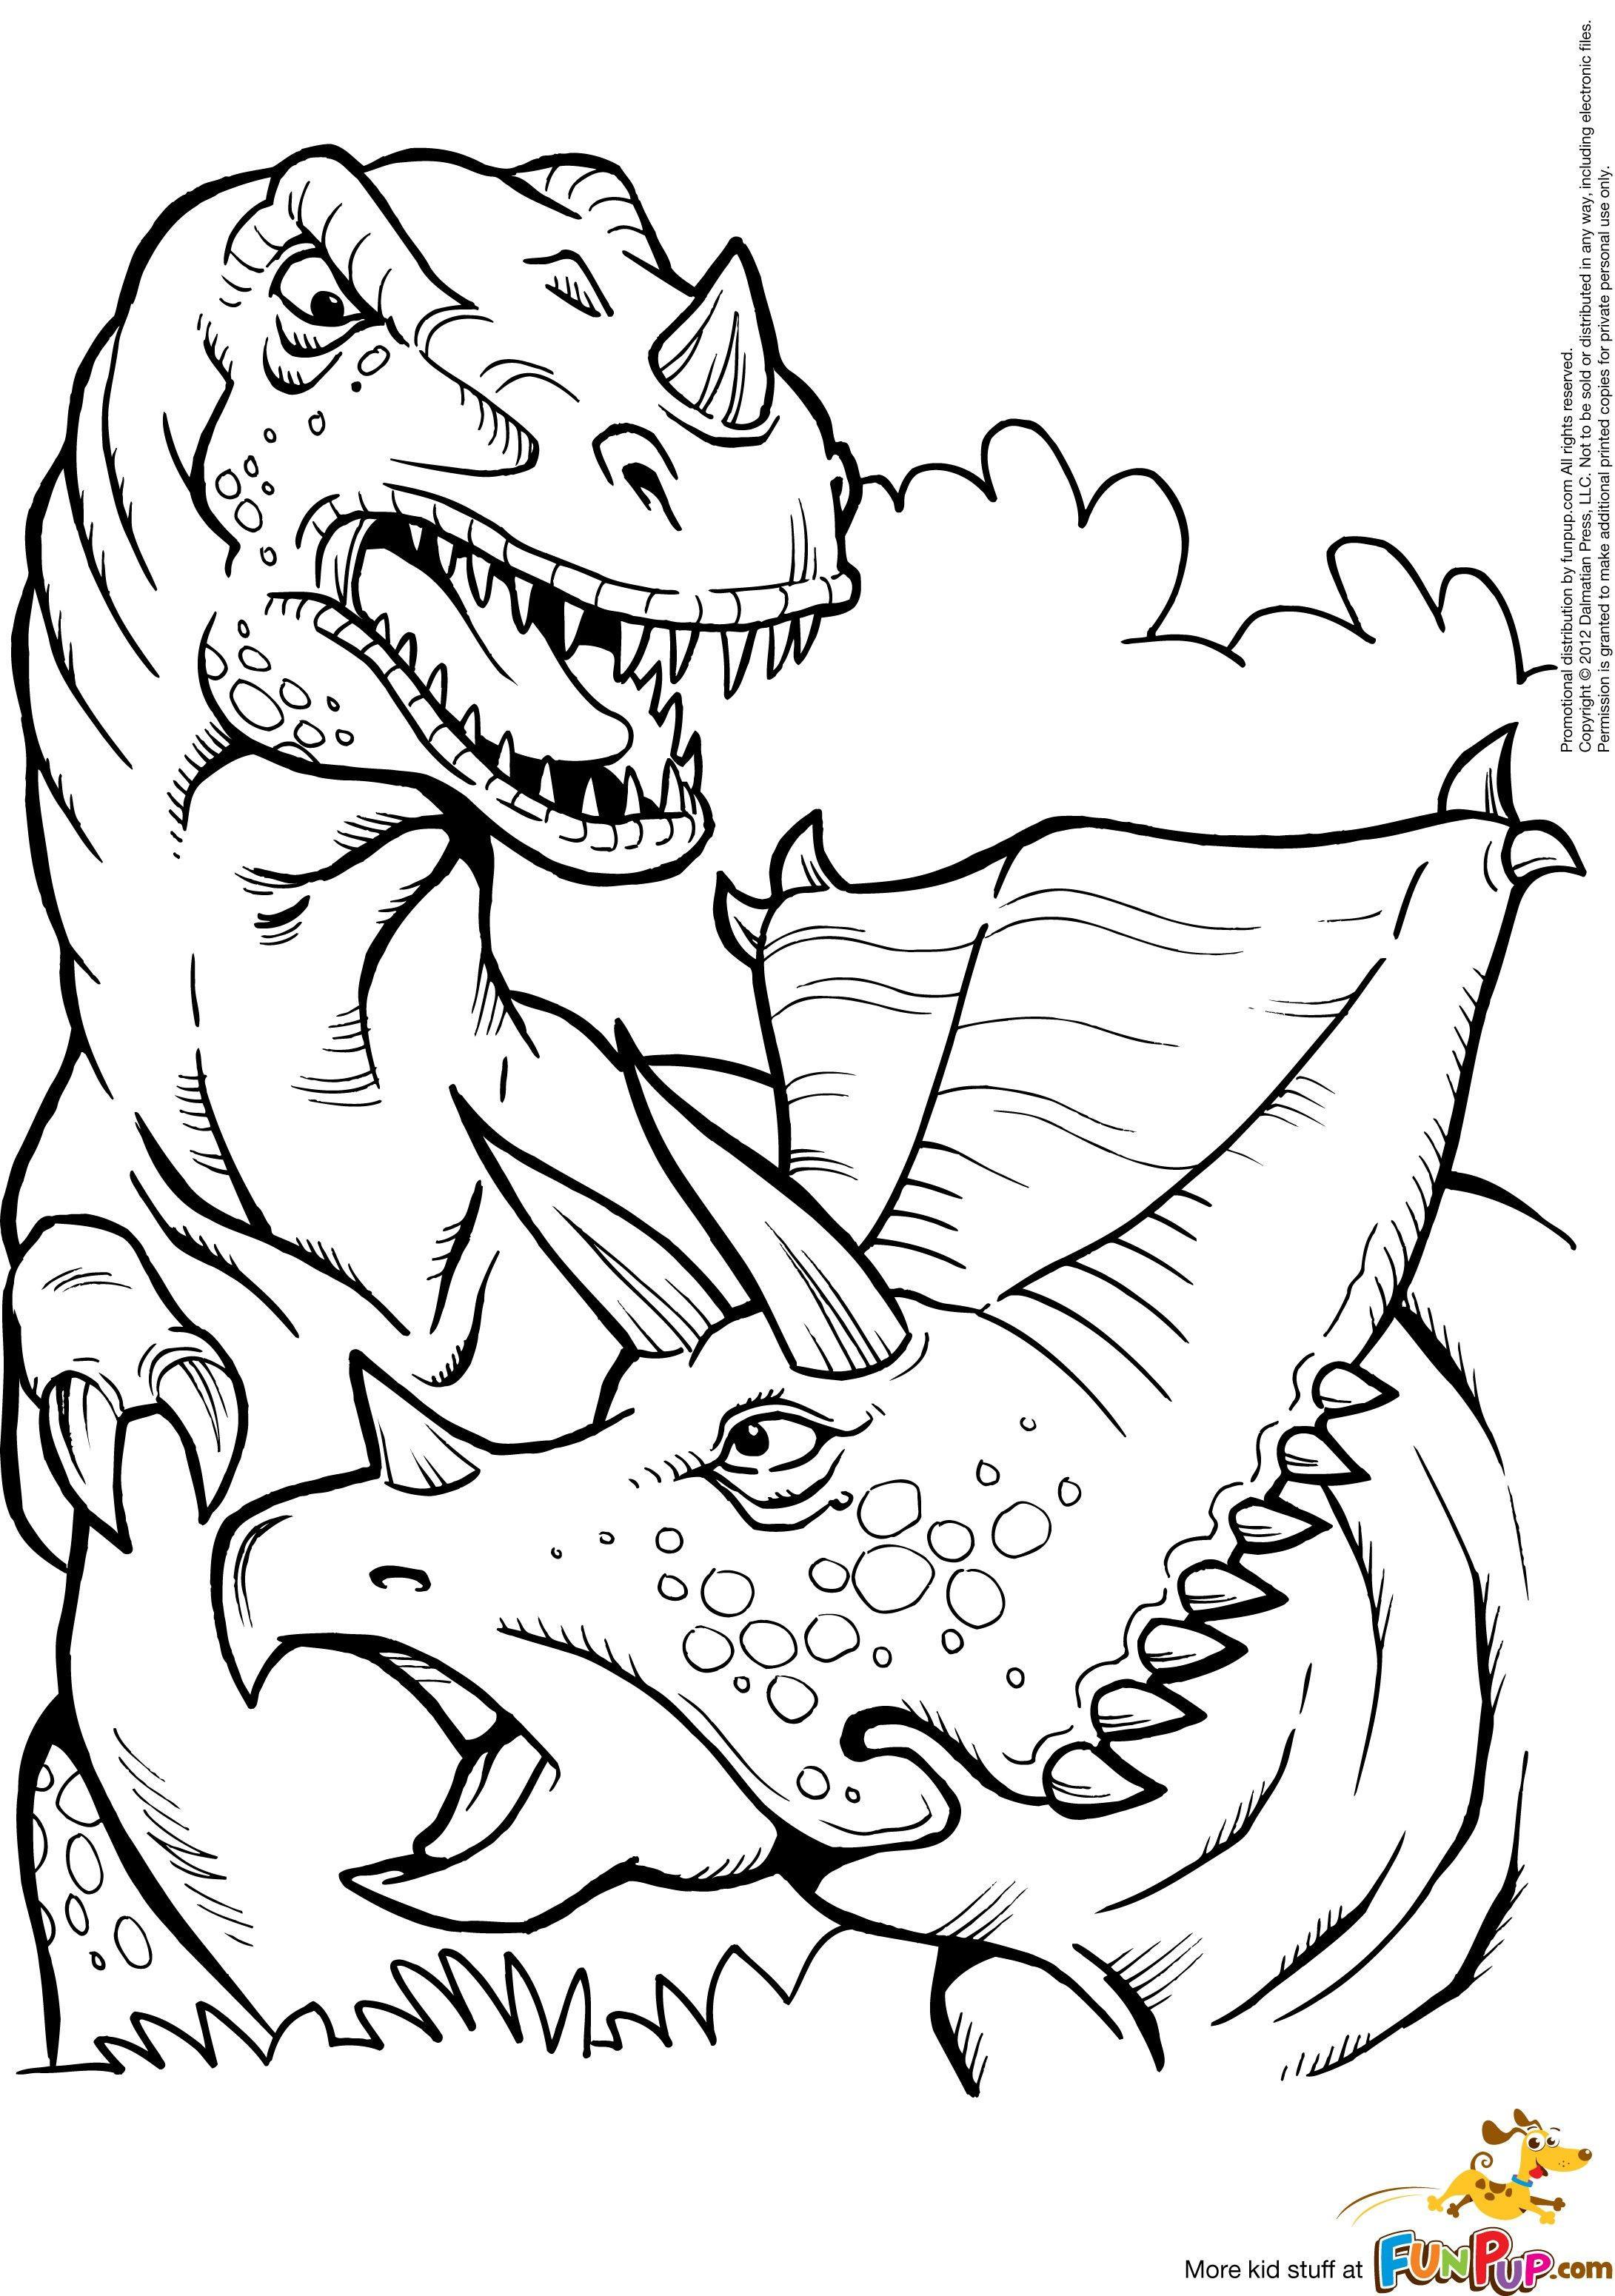 T Rex Zum Ausmalen Inspirierend Dino T Rex Ausmalbilder Einzigartig Kleurplaat Printable T Rex and Bilder